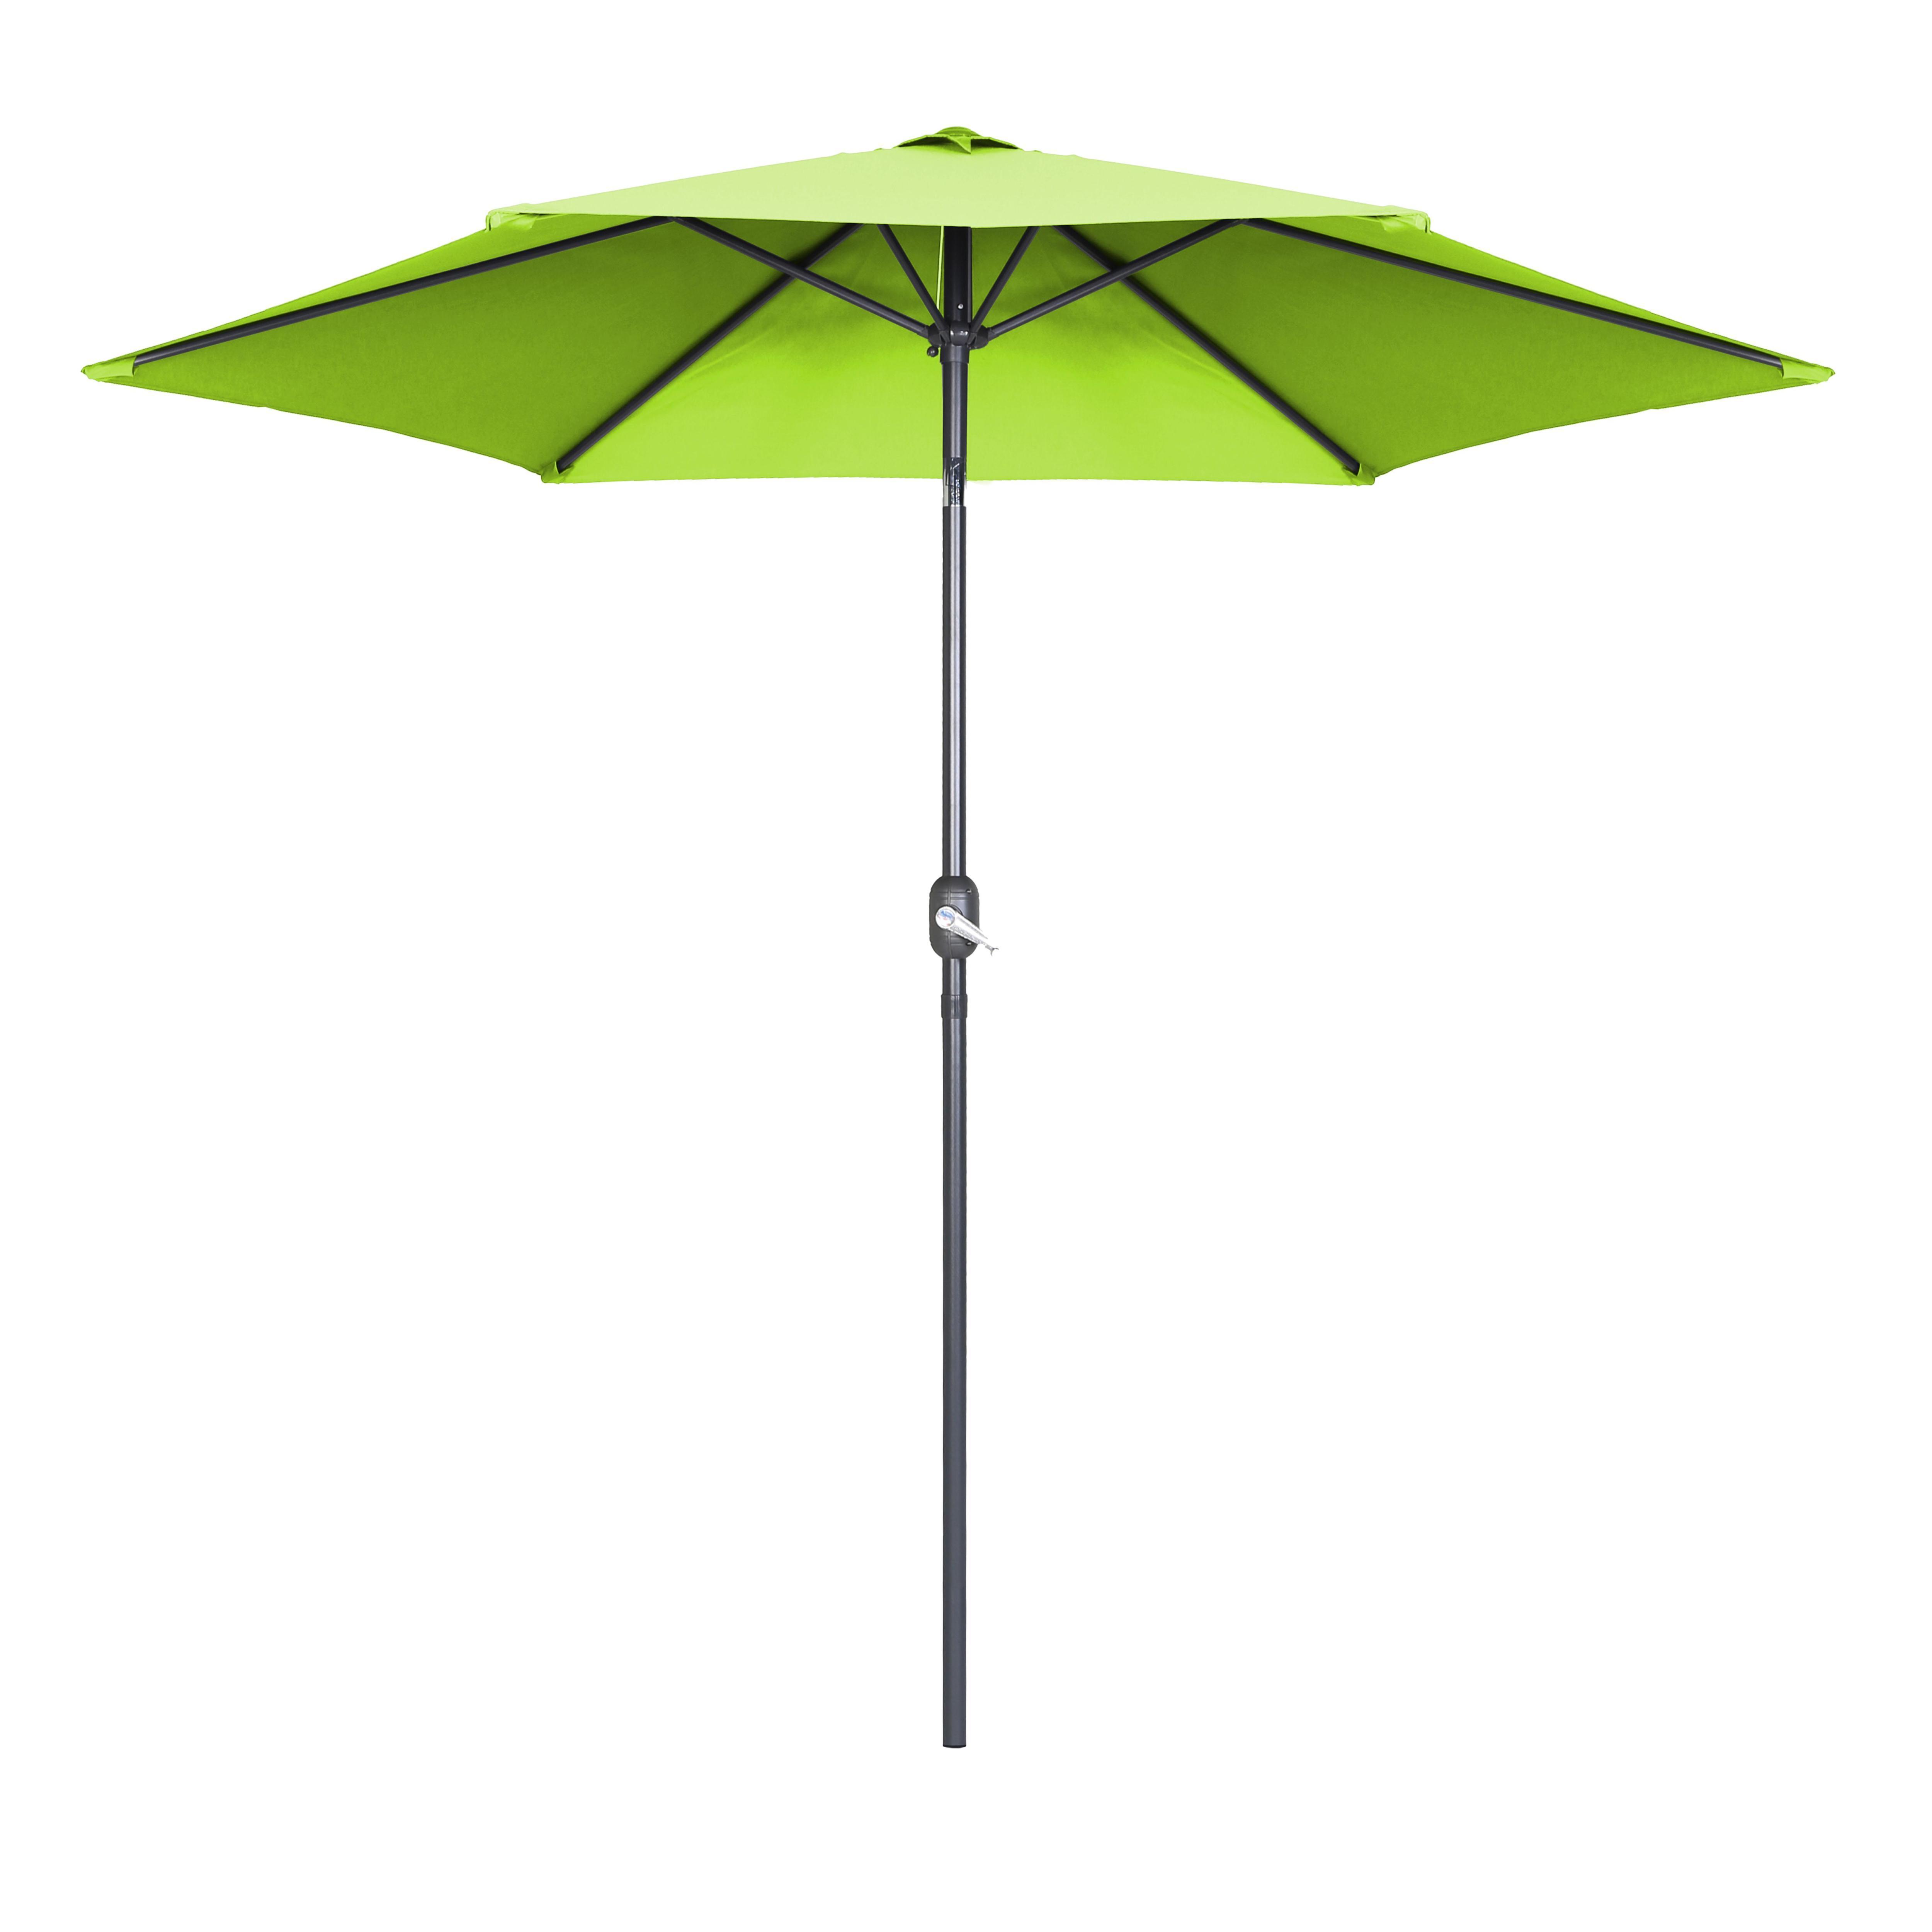 Parasol droit à manivelle inclinable  en aluminium vert